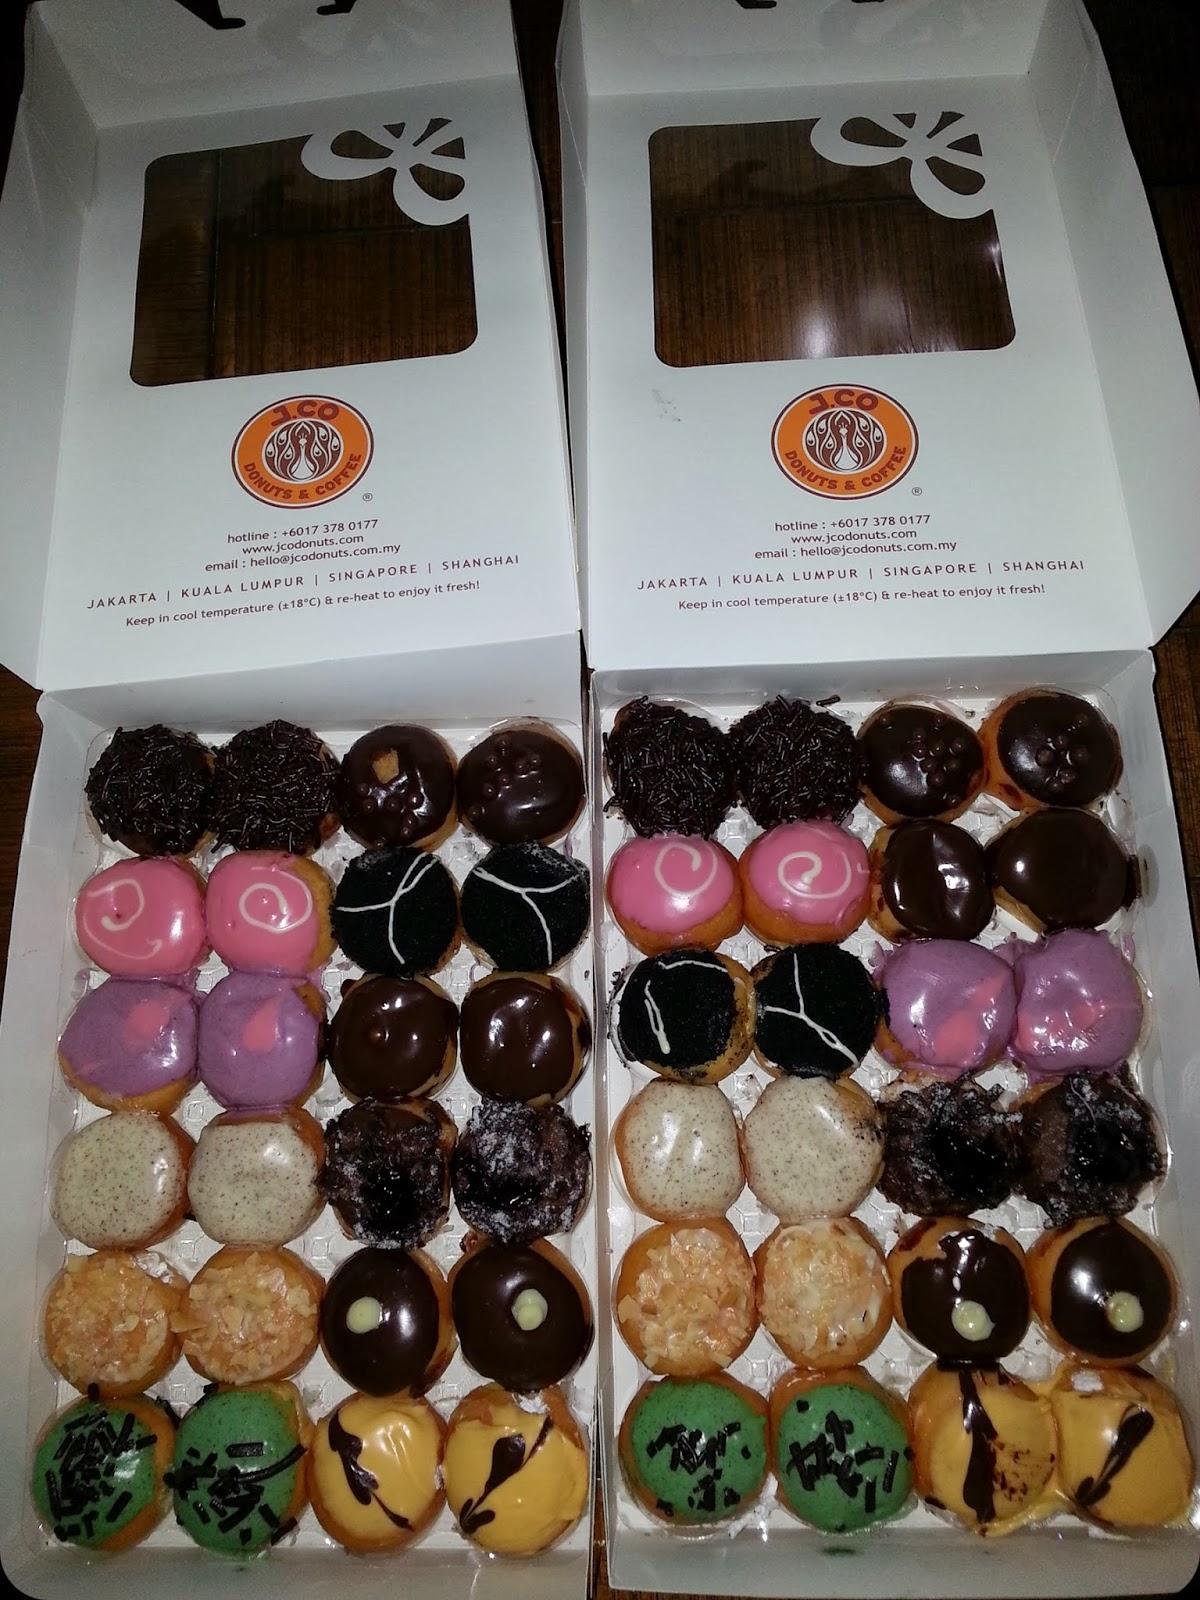 Jenis Donat Jco : jenis, donat, J.Pops, Donuts